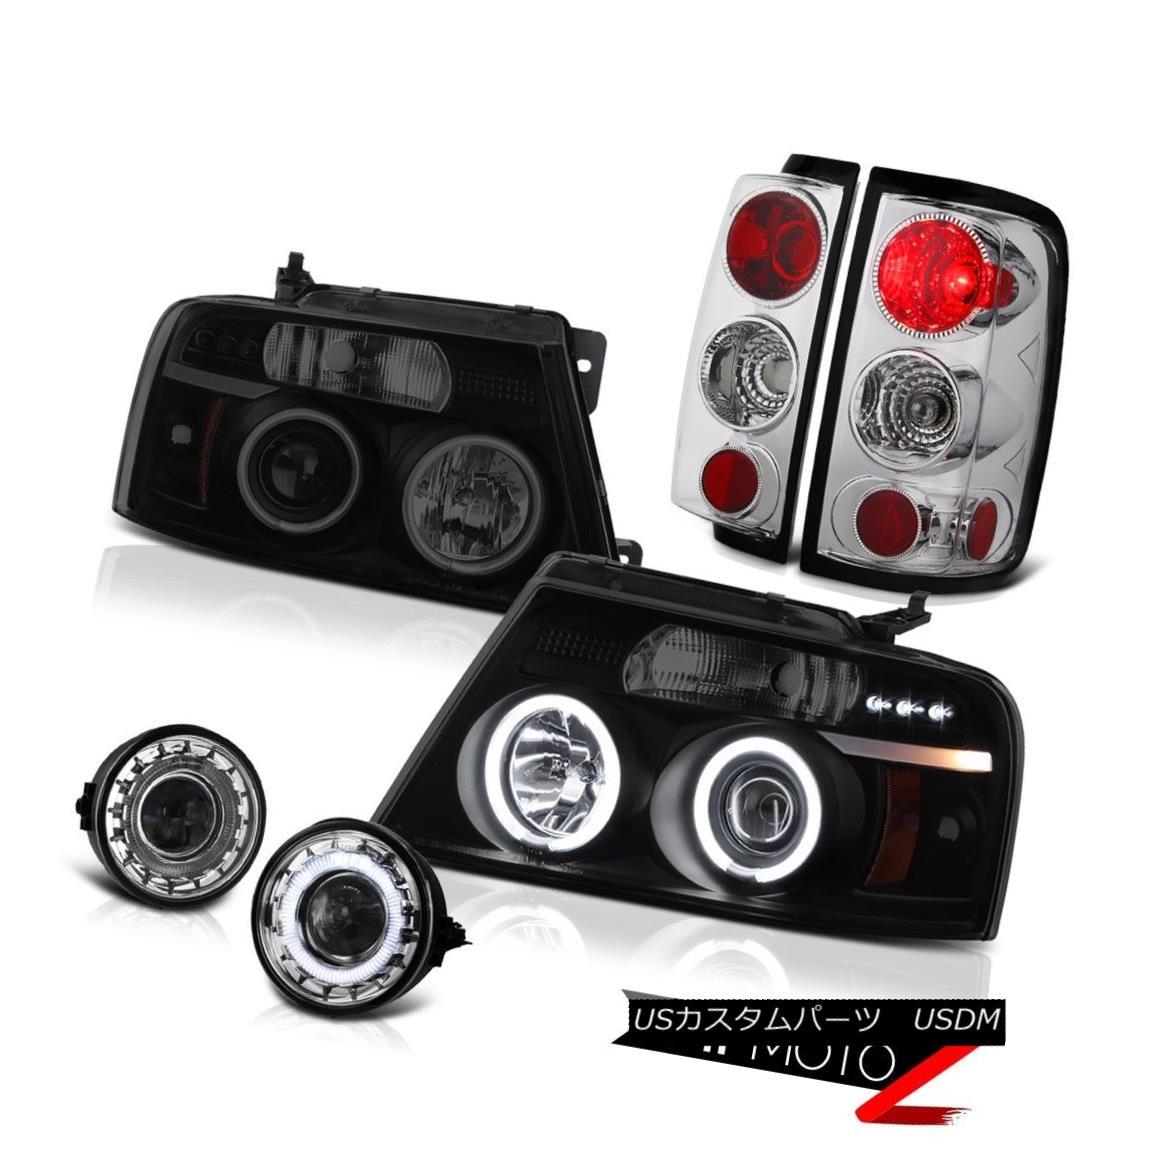 テールライト 2004-2008 F150 PickUp [BRIGHTEST] CCFL Halo Rim Headlight Rear Signal Tail Lamps 2004-2008 F150 PickUp [BRIGHTEST] CCFL Halo Rimヘッドライトリアシグナルテールランプ